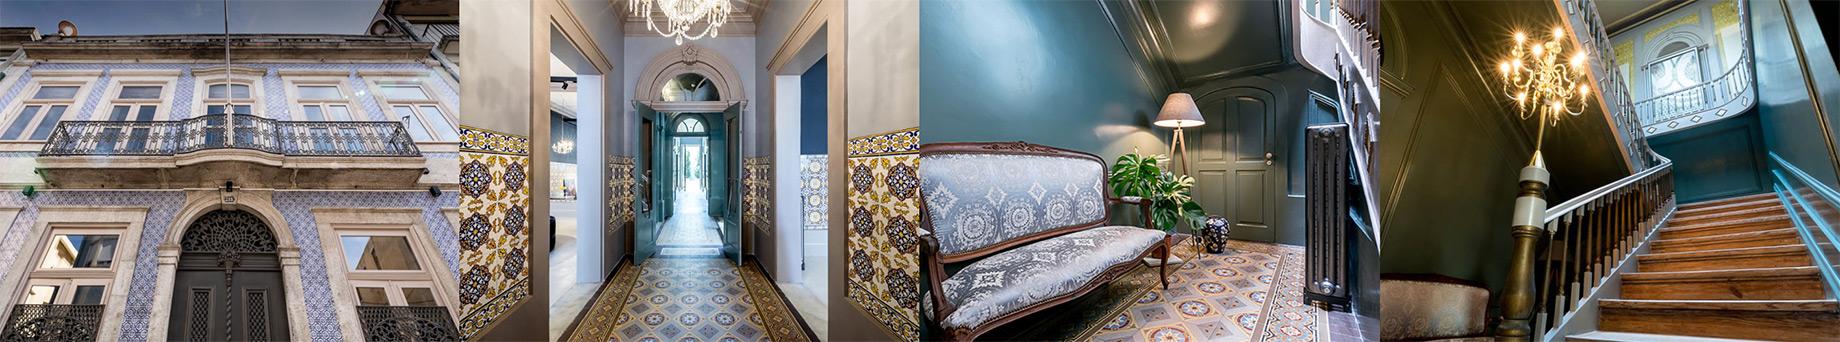 fotos hotel palacio fenizia